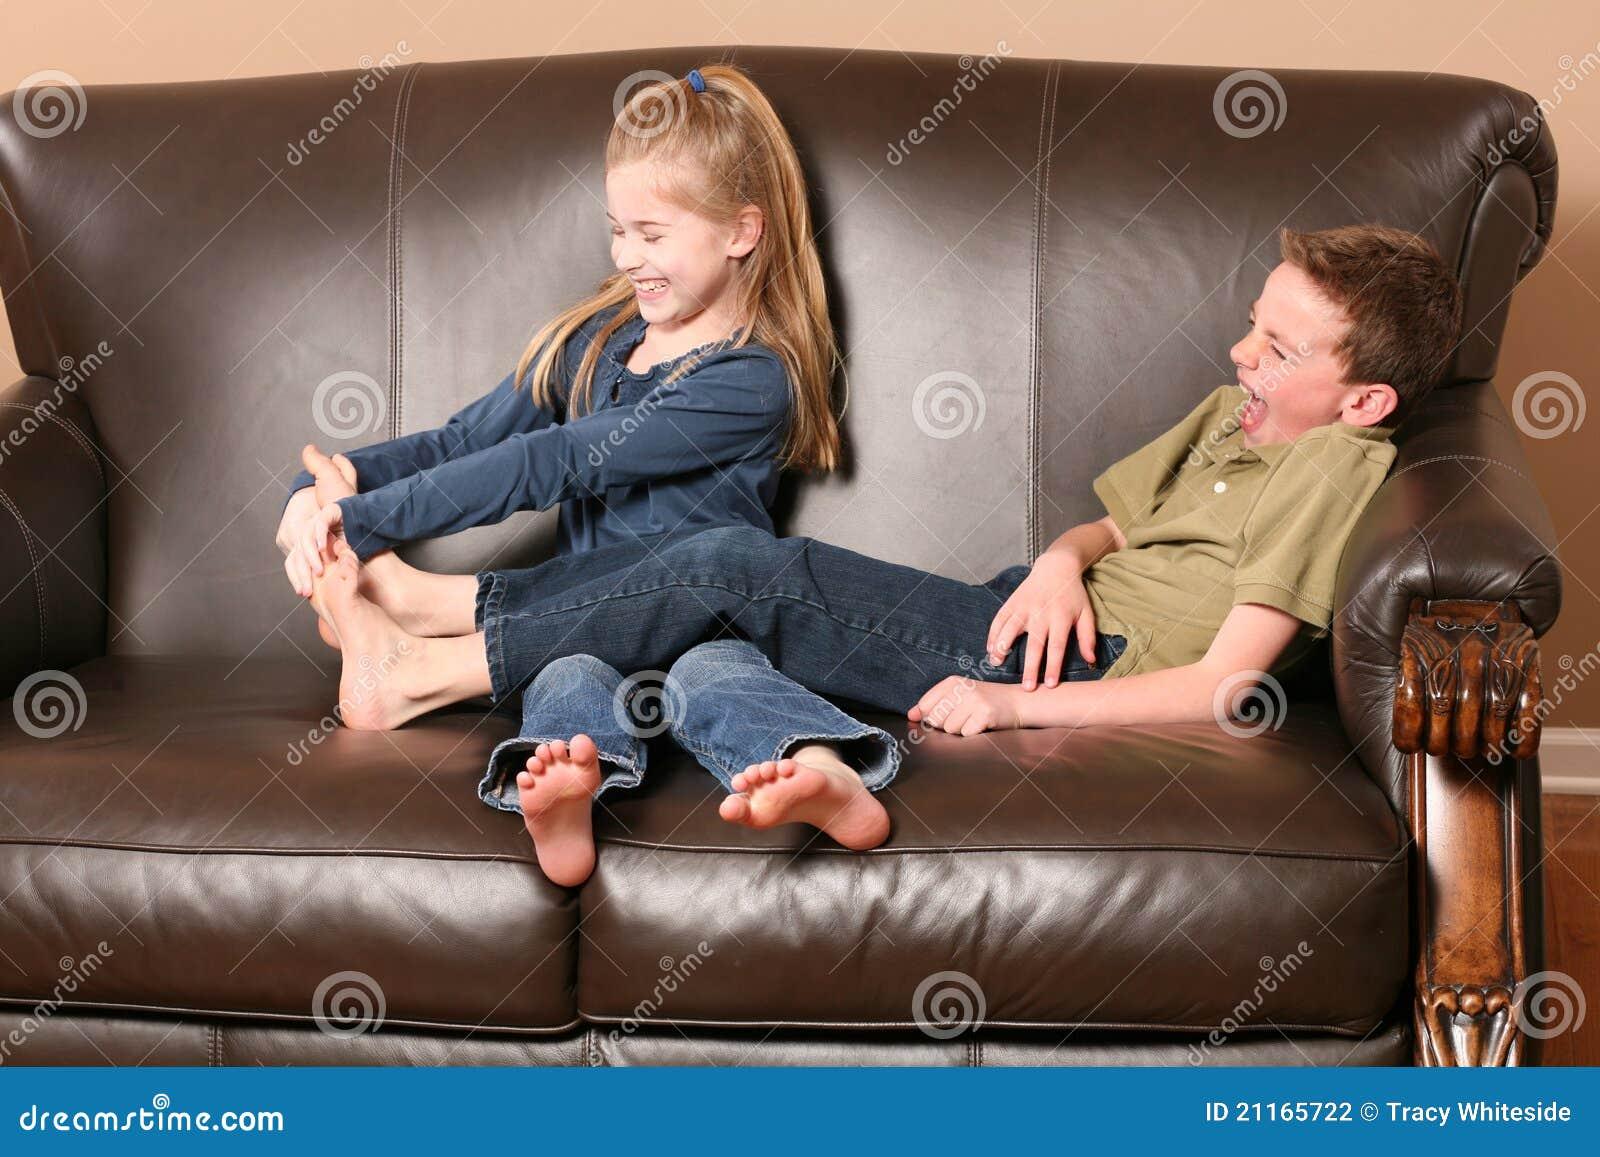 Cute little girl tickling brother's feet.